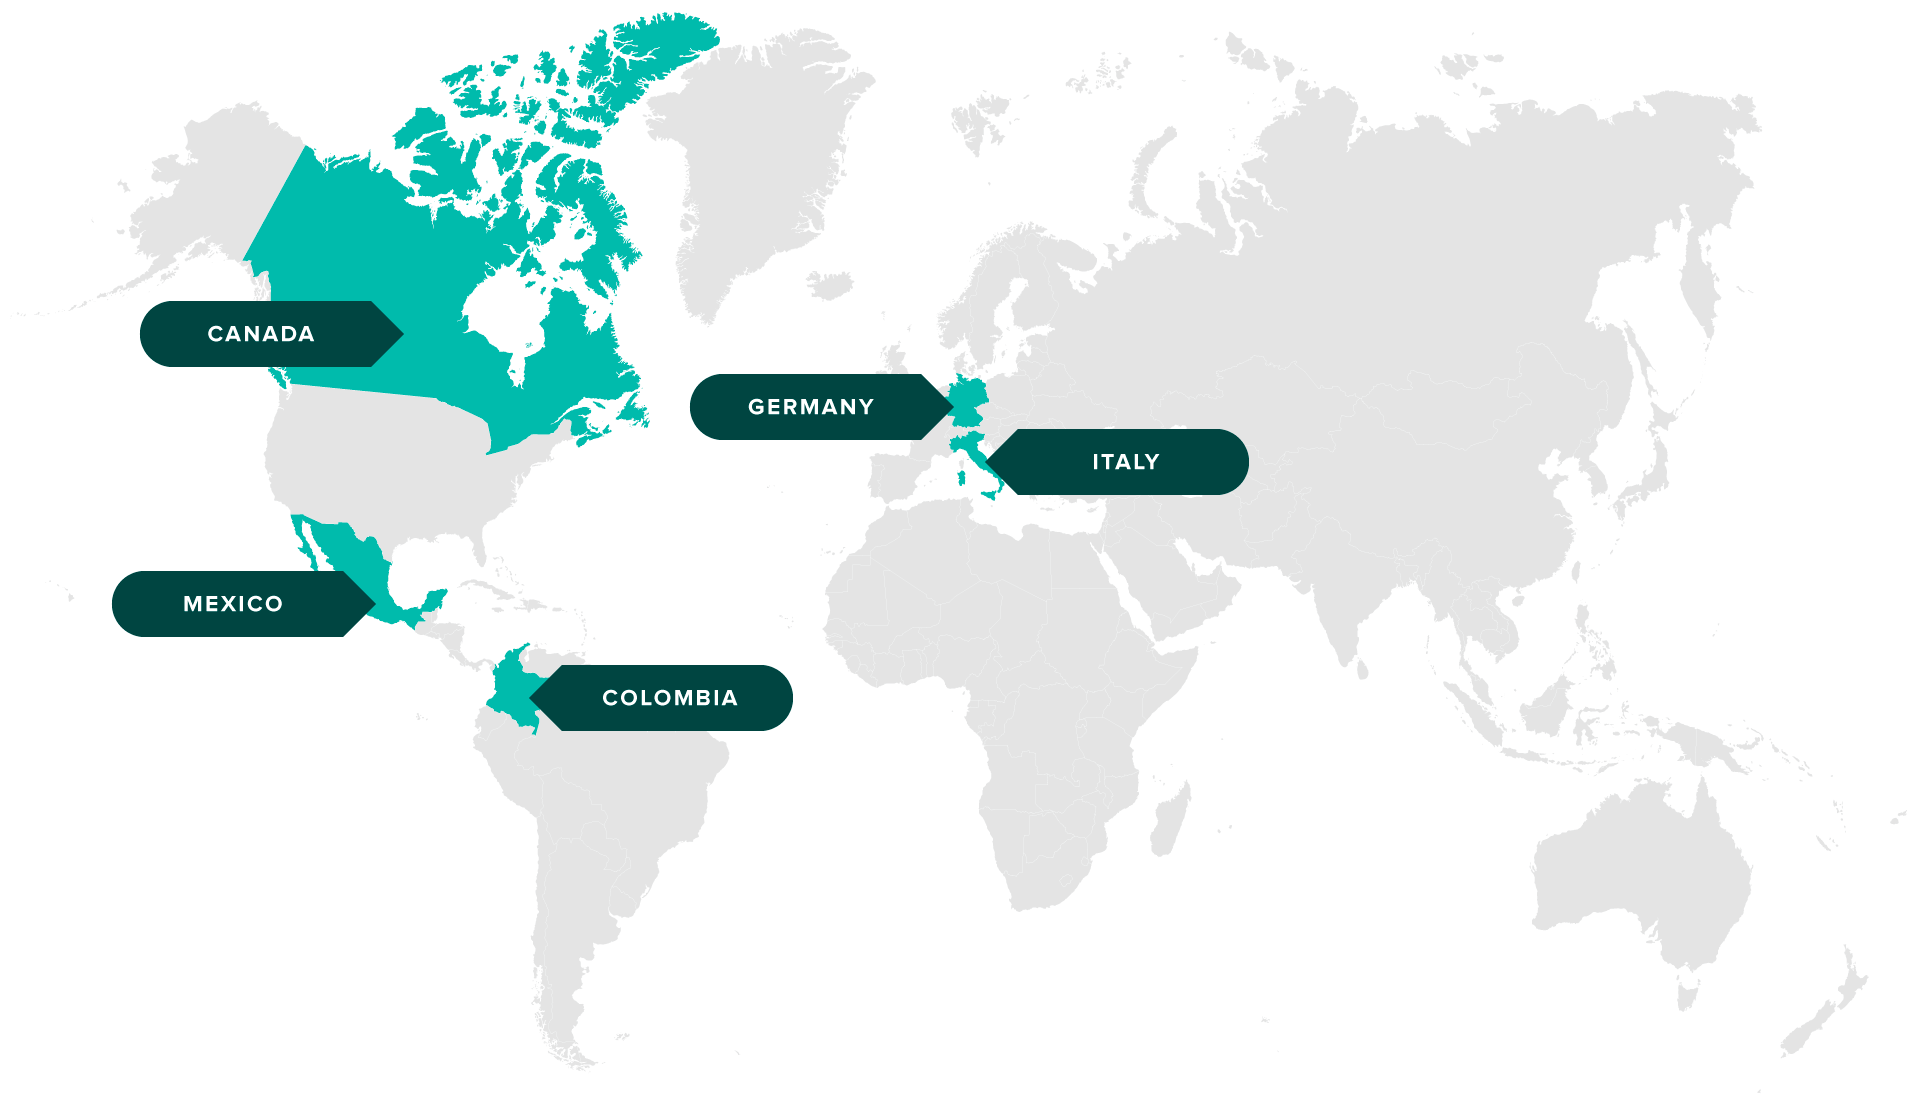 herbolea-map-v1.png